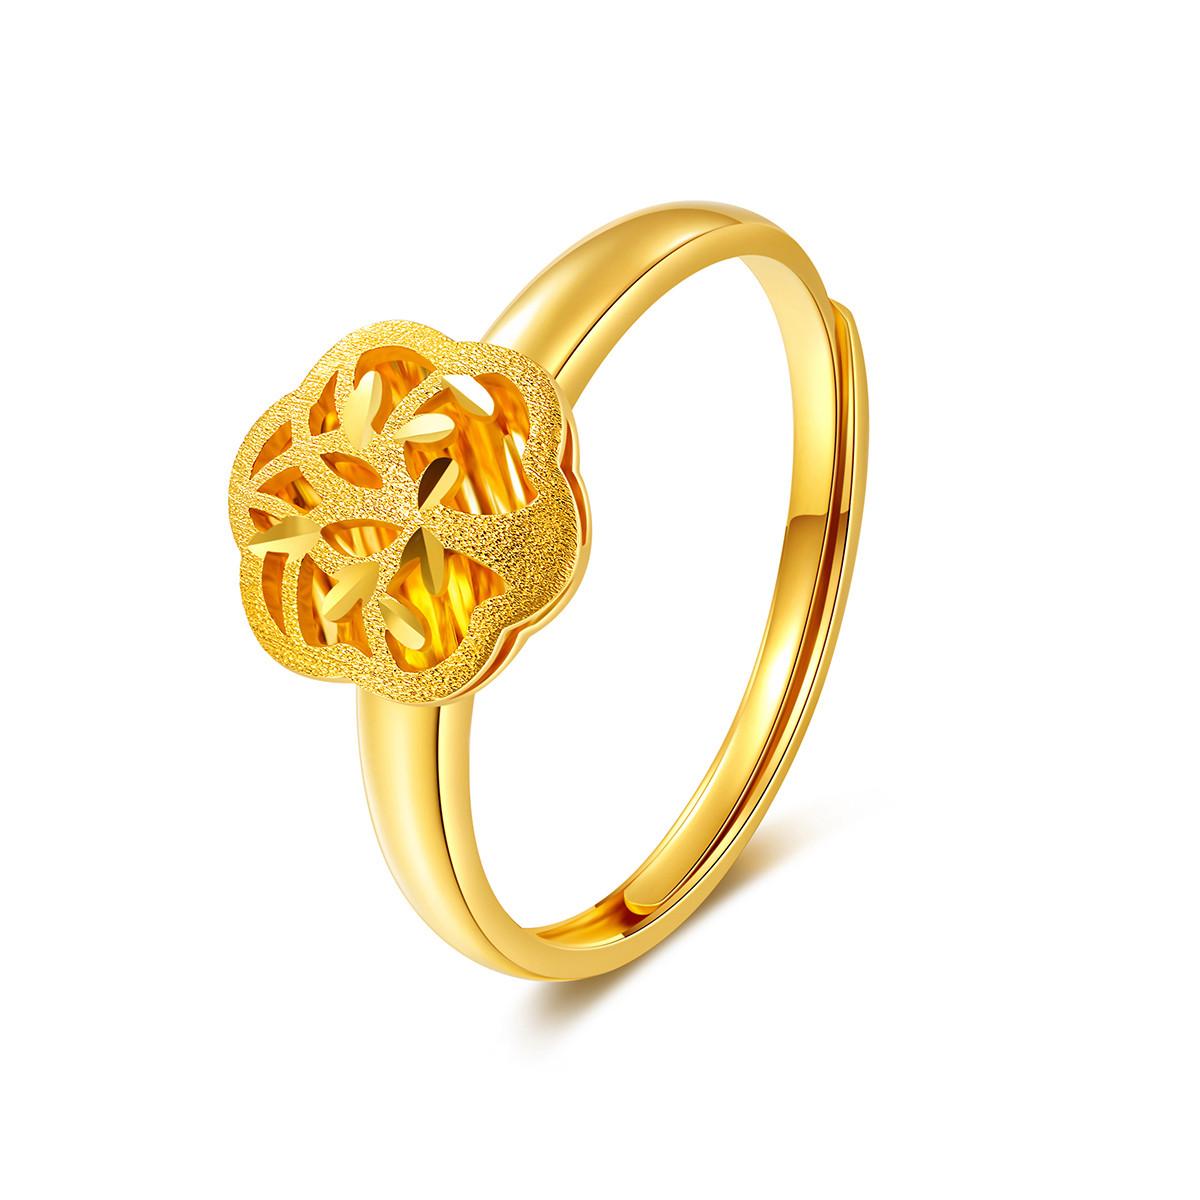 金至尊金至尊 5G黄金幸福树戒指足金镂空花型指环女款3DJZ0082QJ